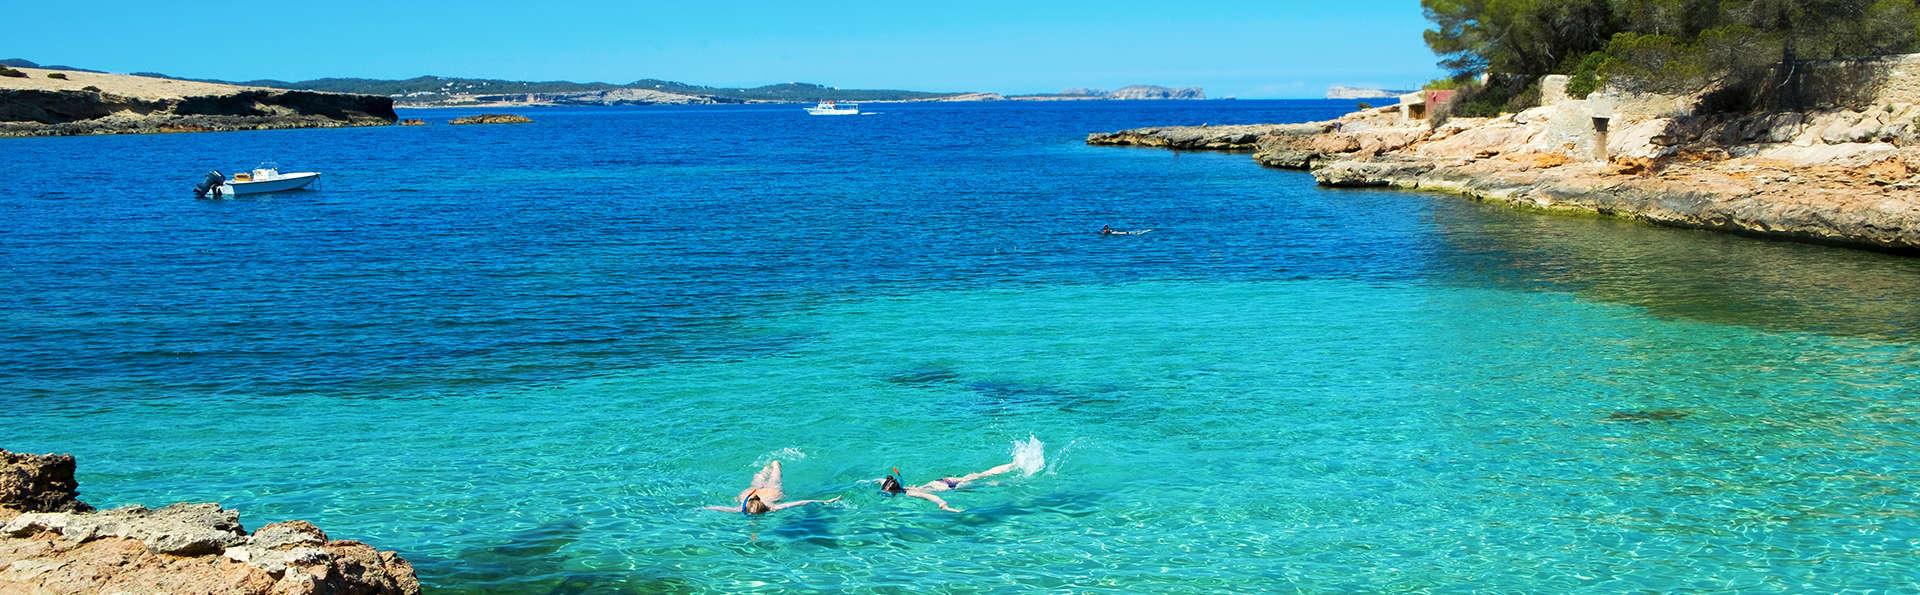 Découvrez Ibiza dans une auberge en plein coeur de l'île (non remboursable)